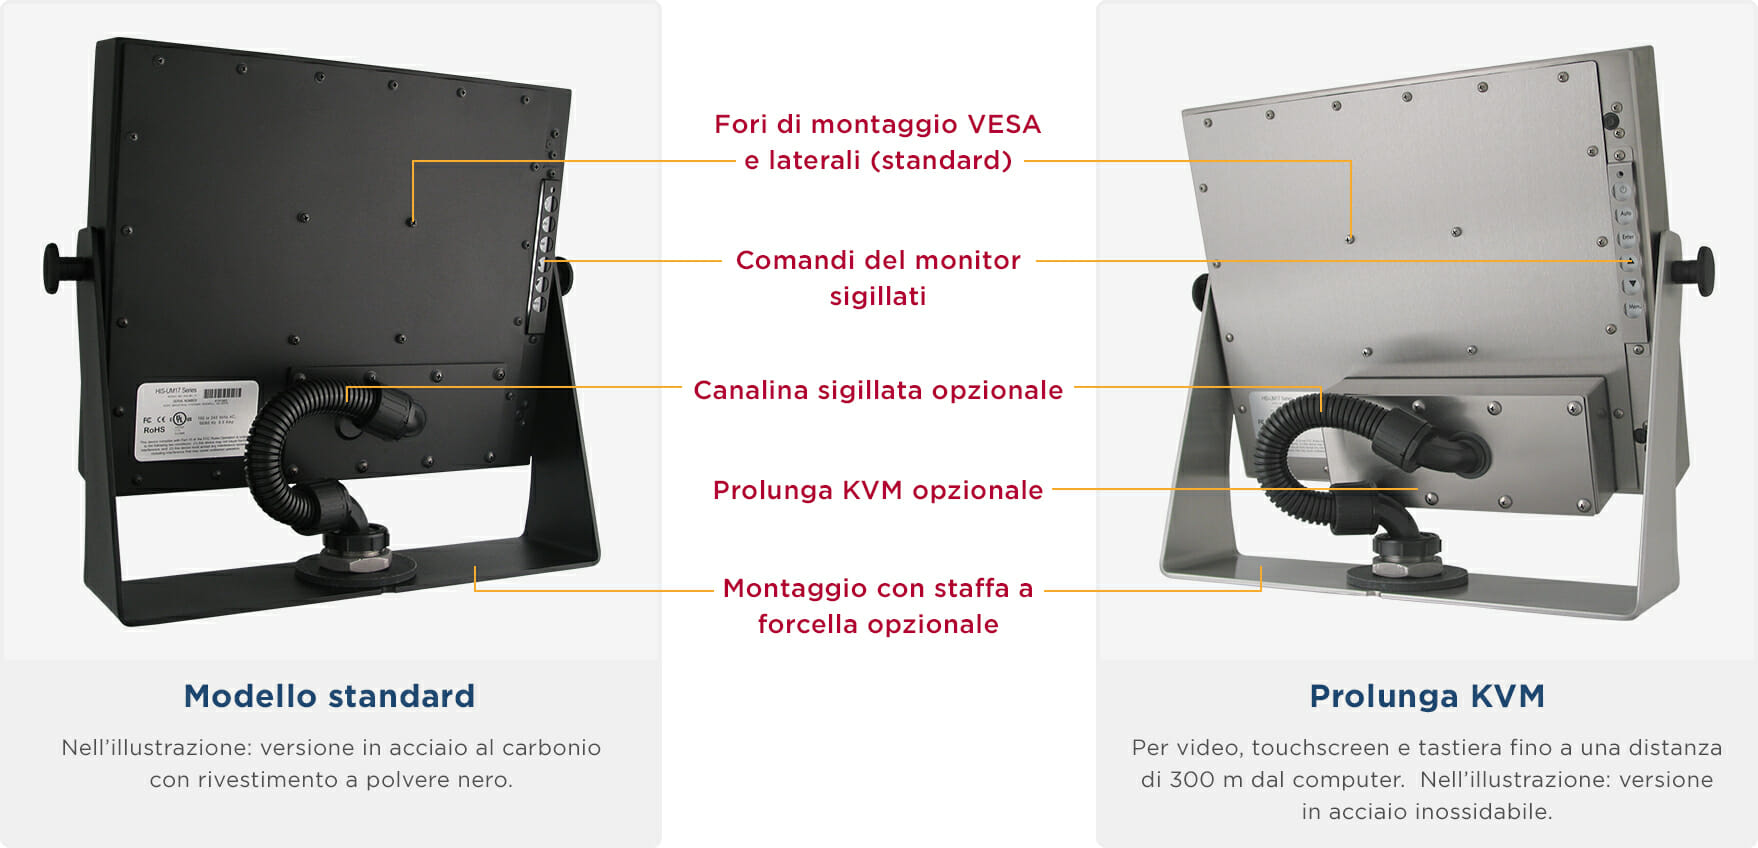 Vedute posteriori di monitor da 17'' con grado di protezione IP65/IP66 per montaggio universale che mostrano le caratteristiche e le opzioni degli enclosure industriali